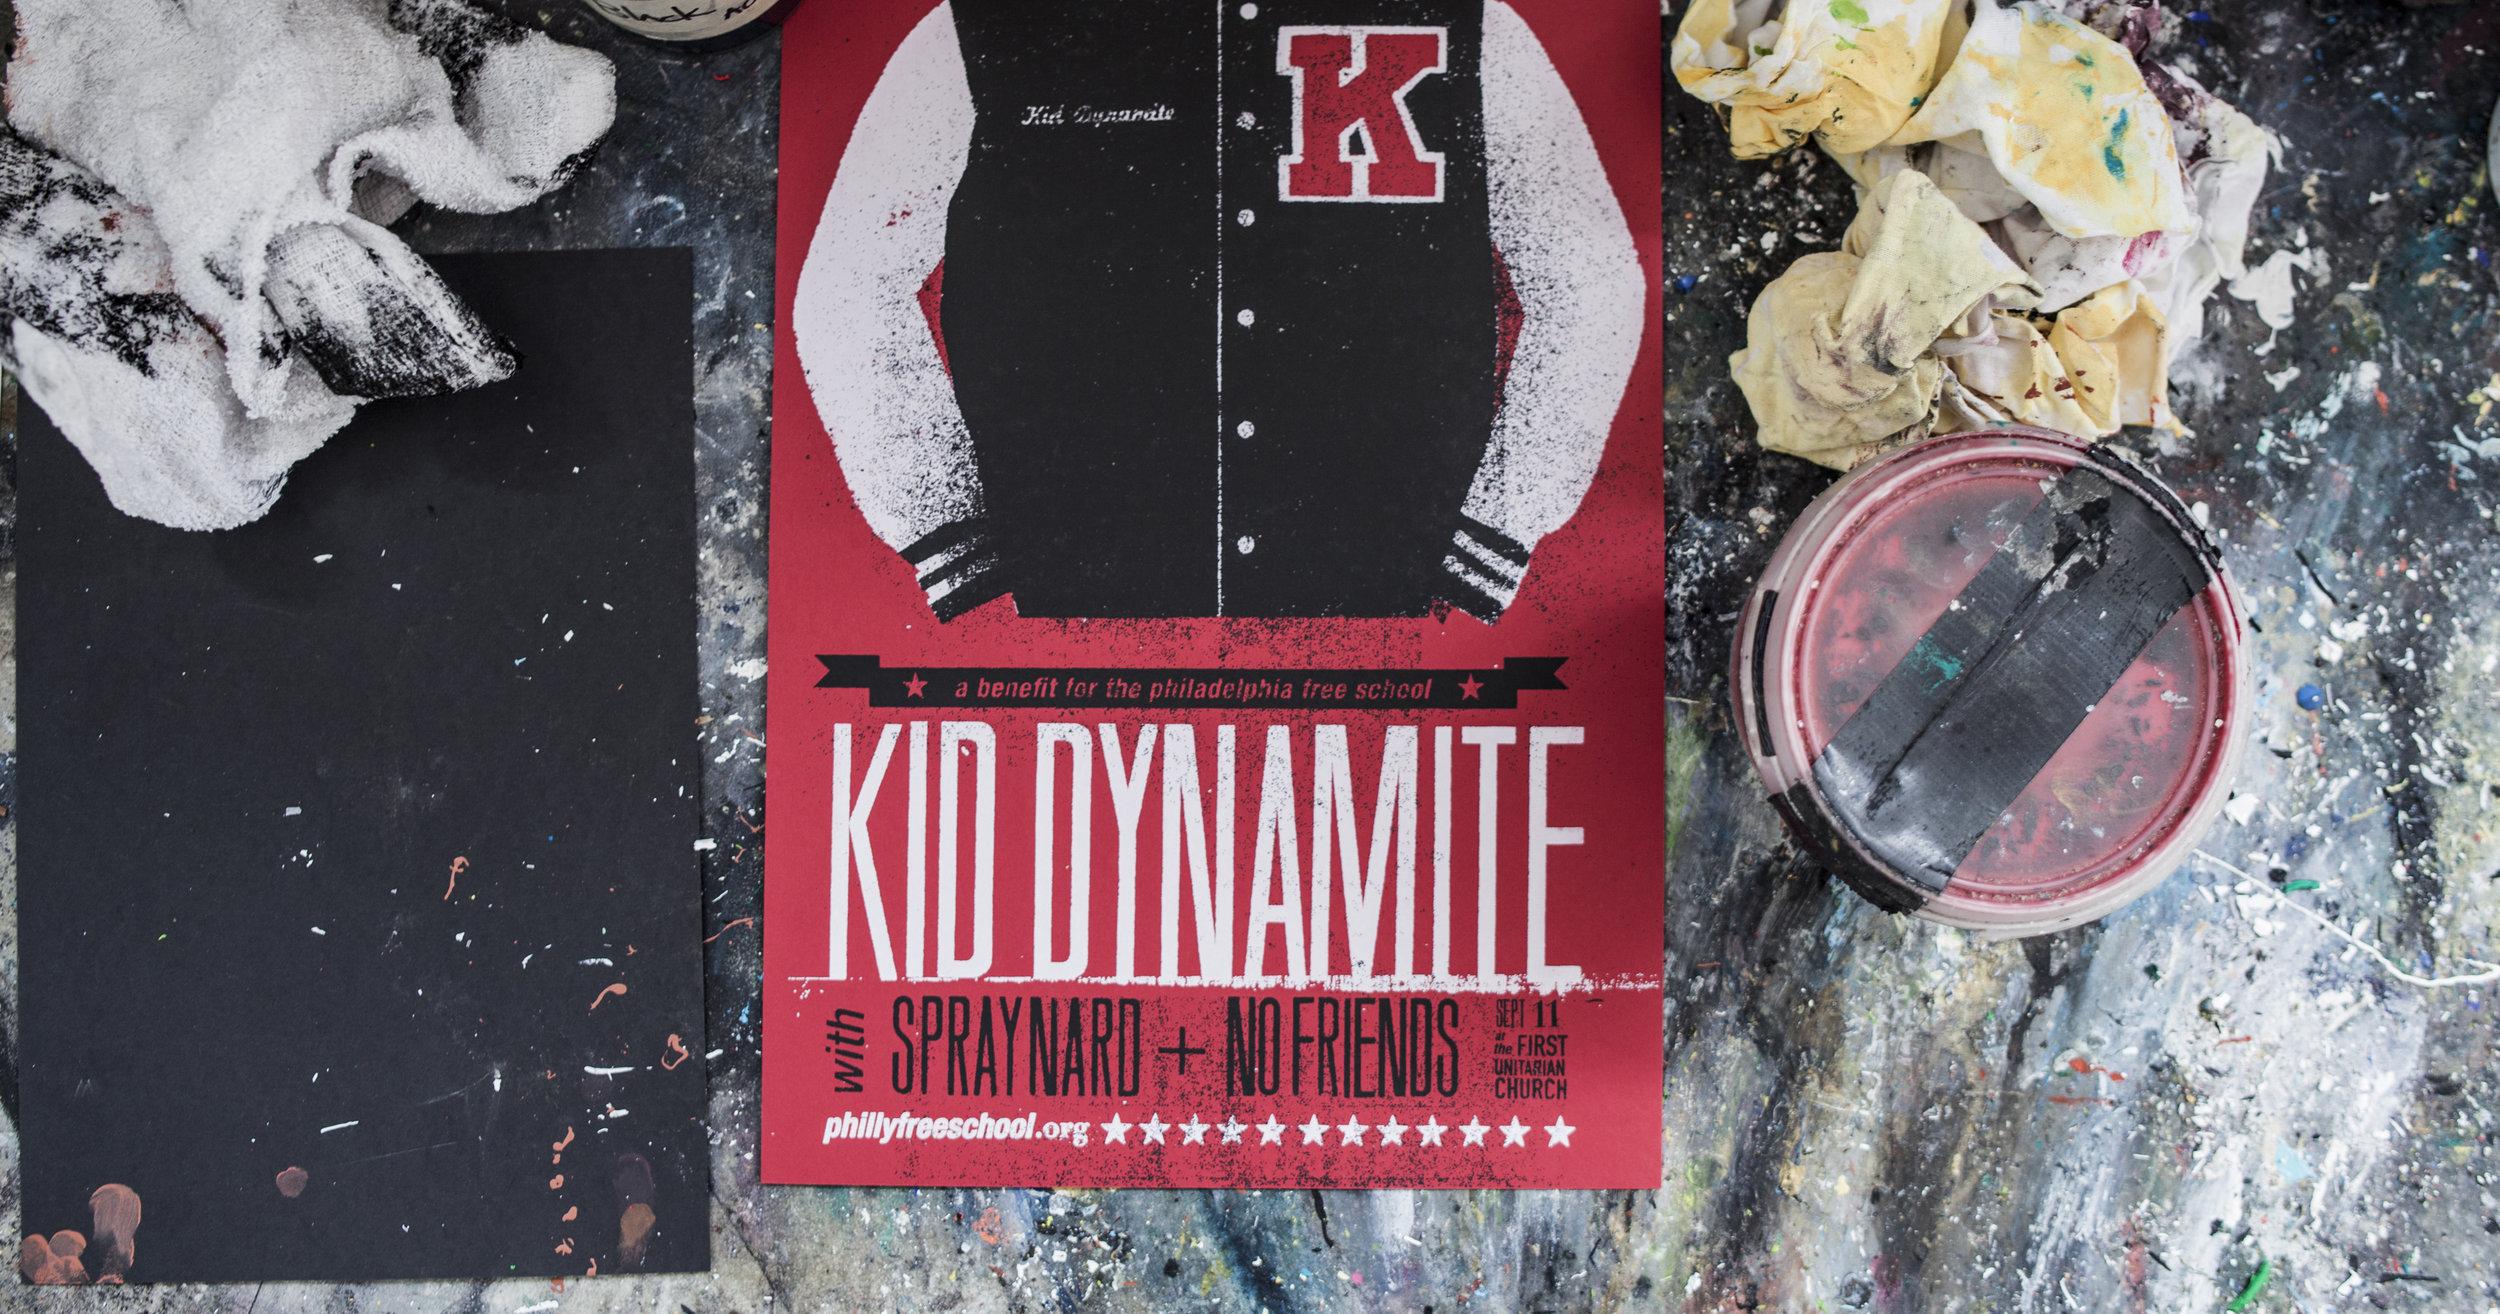 kiddynamite_poster.jpg